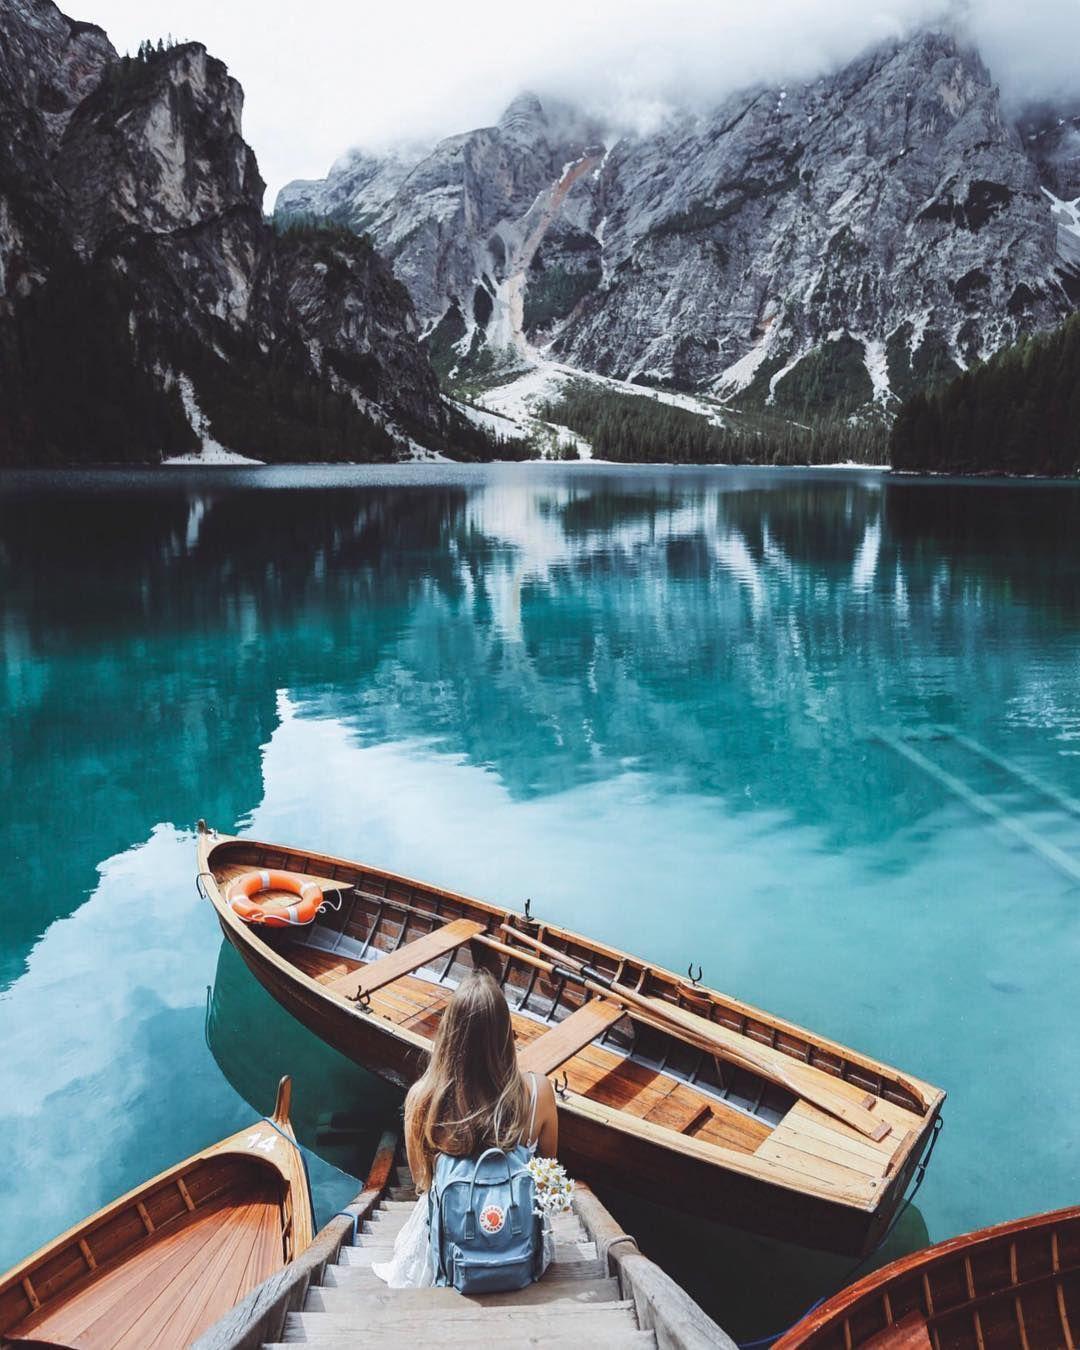 Картинки увлекательные путешествия